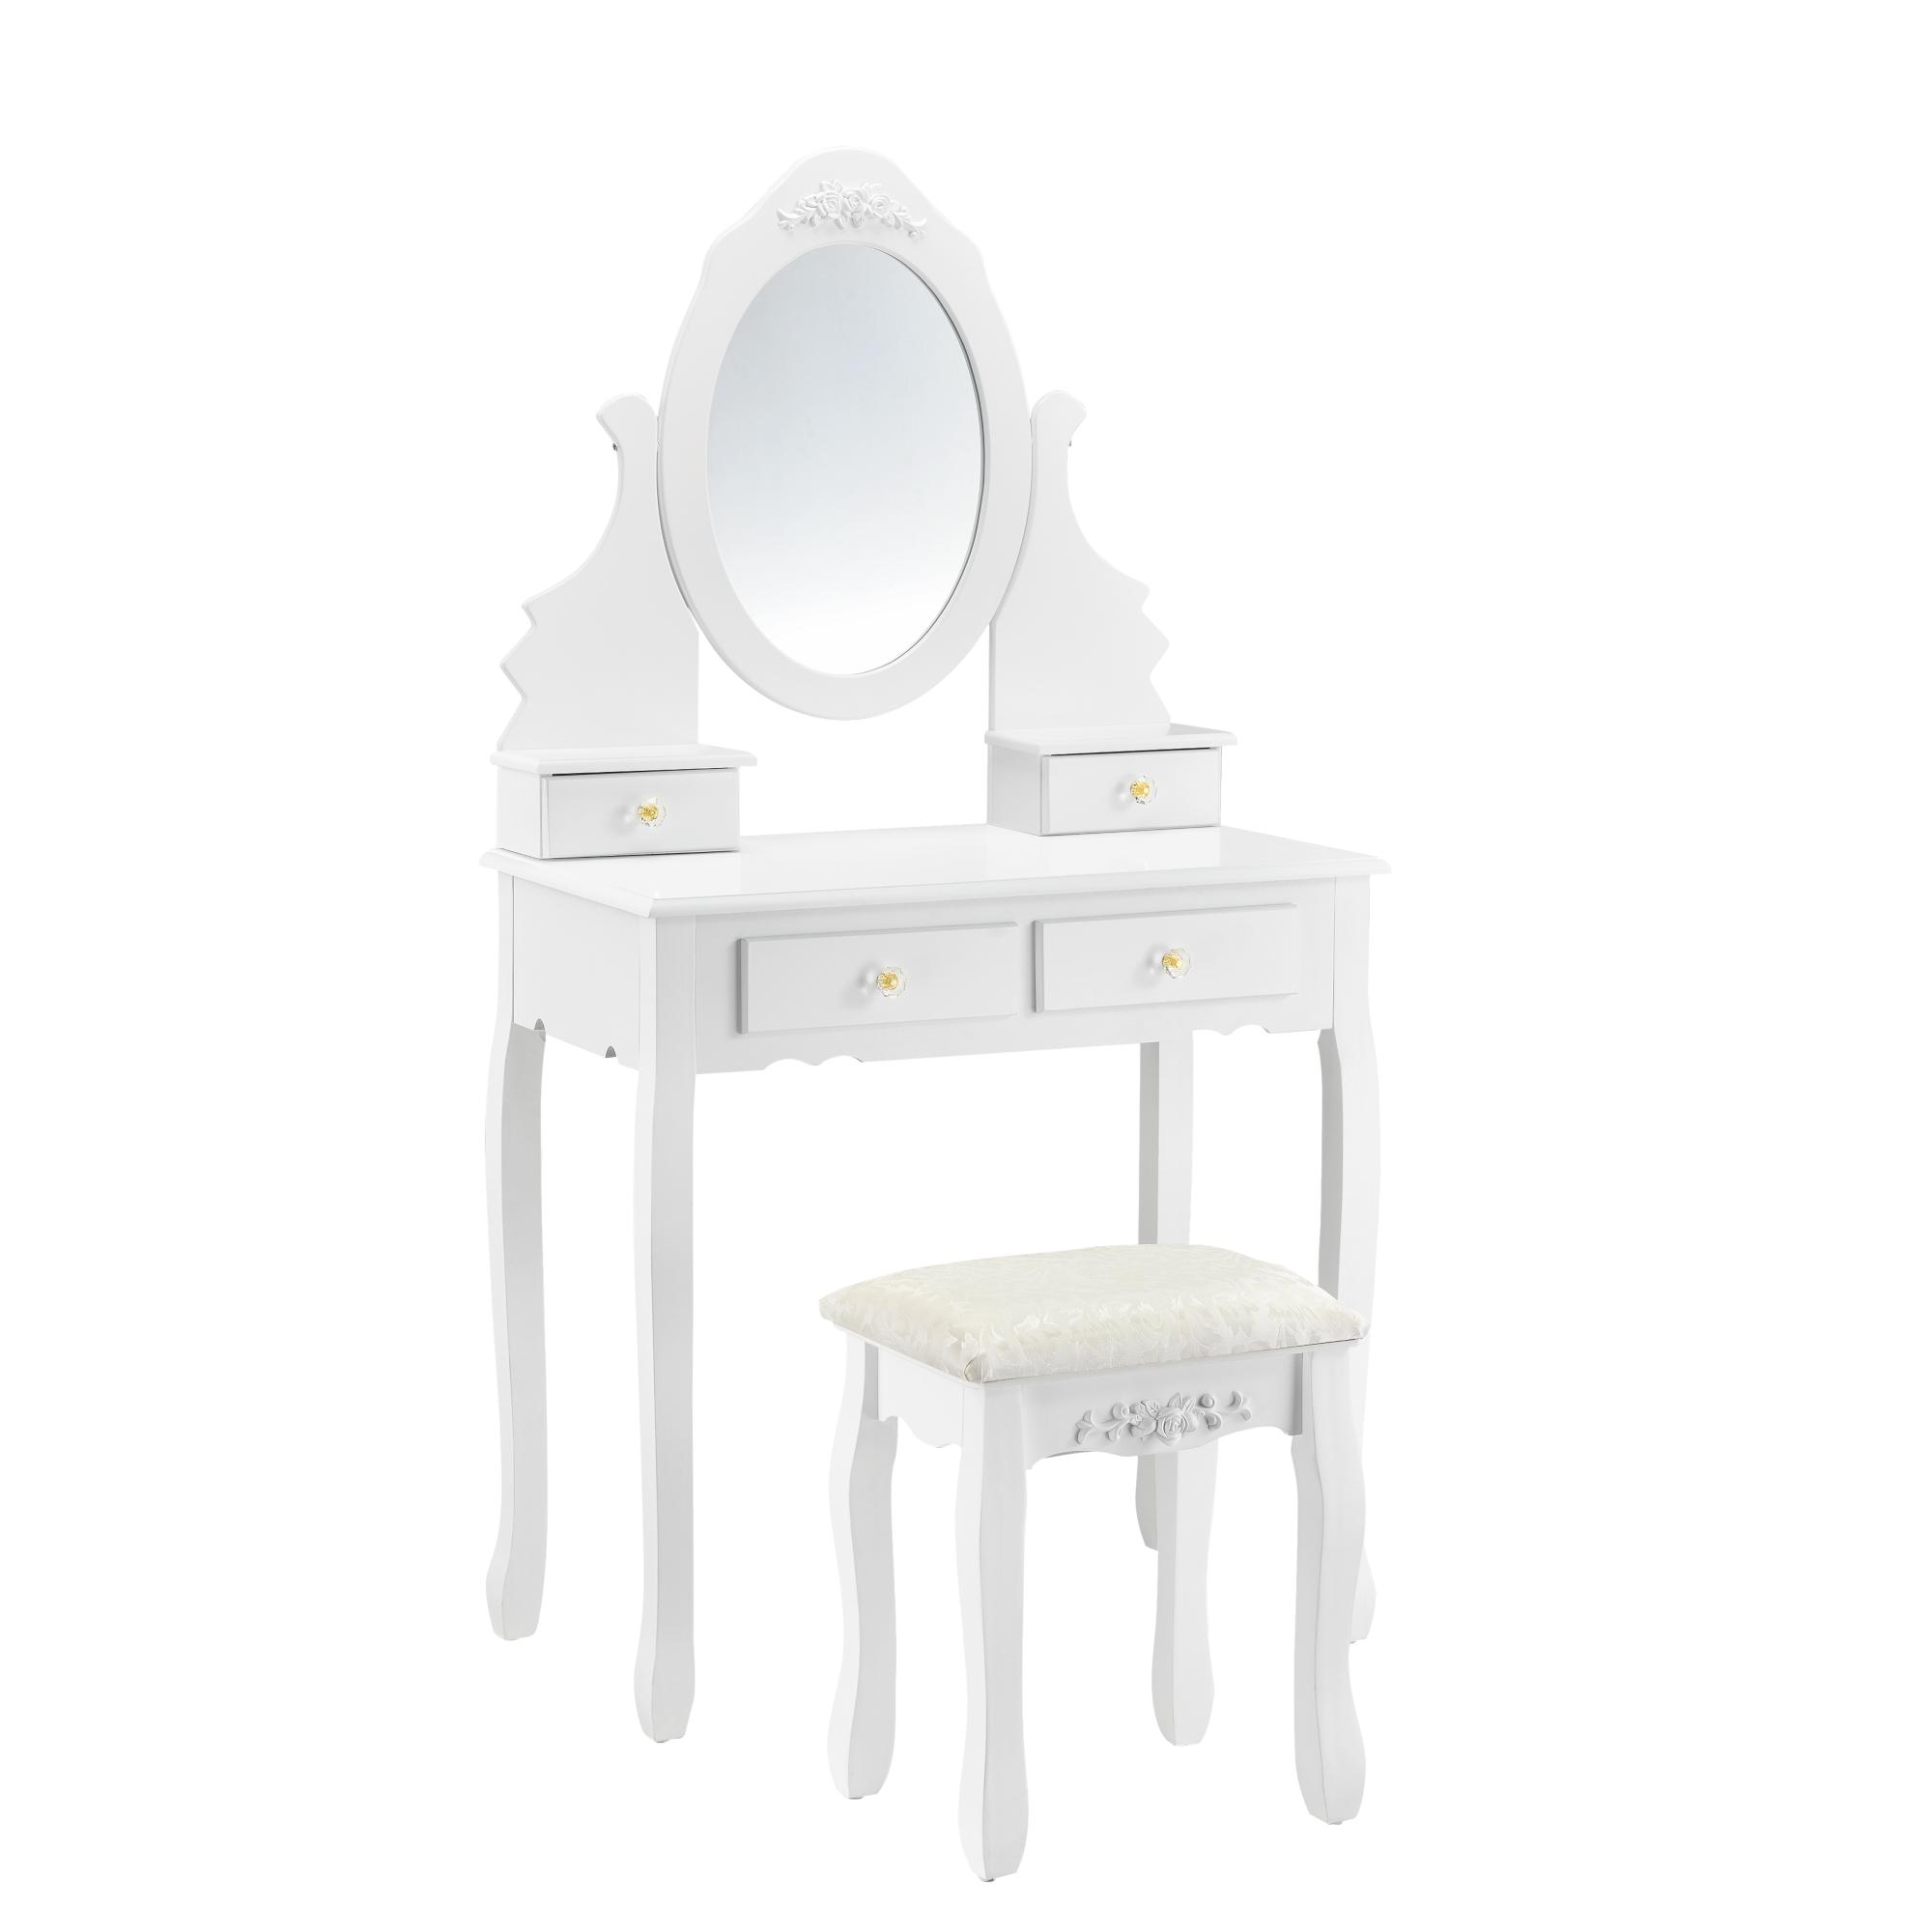 schminktisch mit spiegel hocker frisierkommode frisiertisch kosmetik ebay